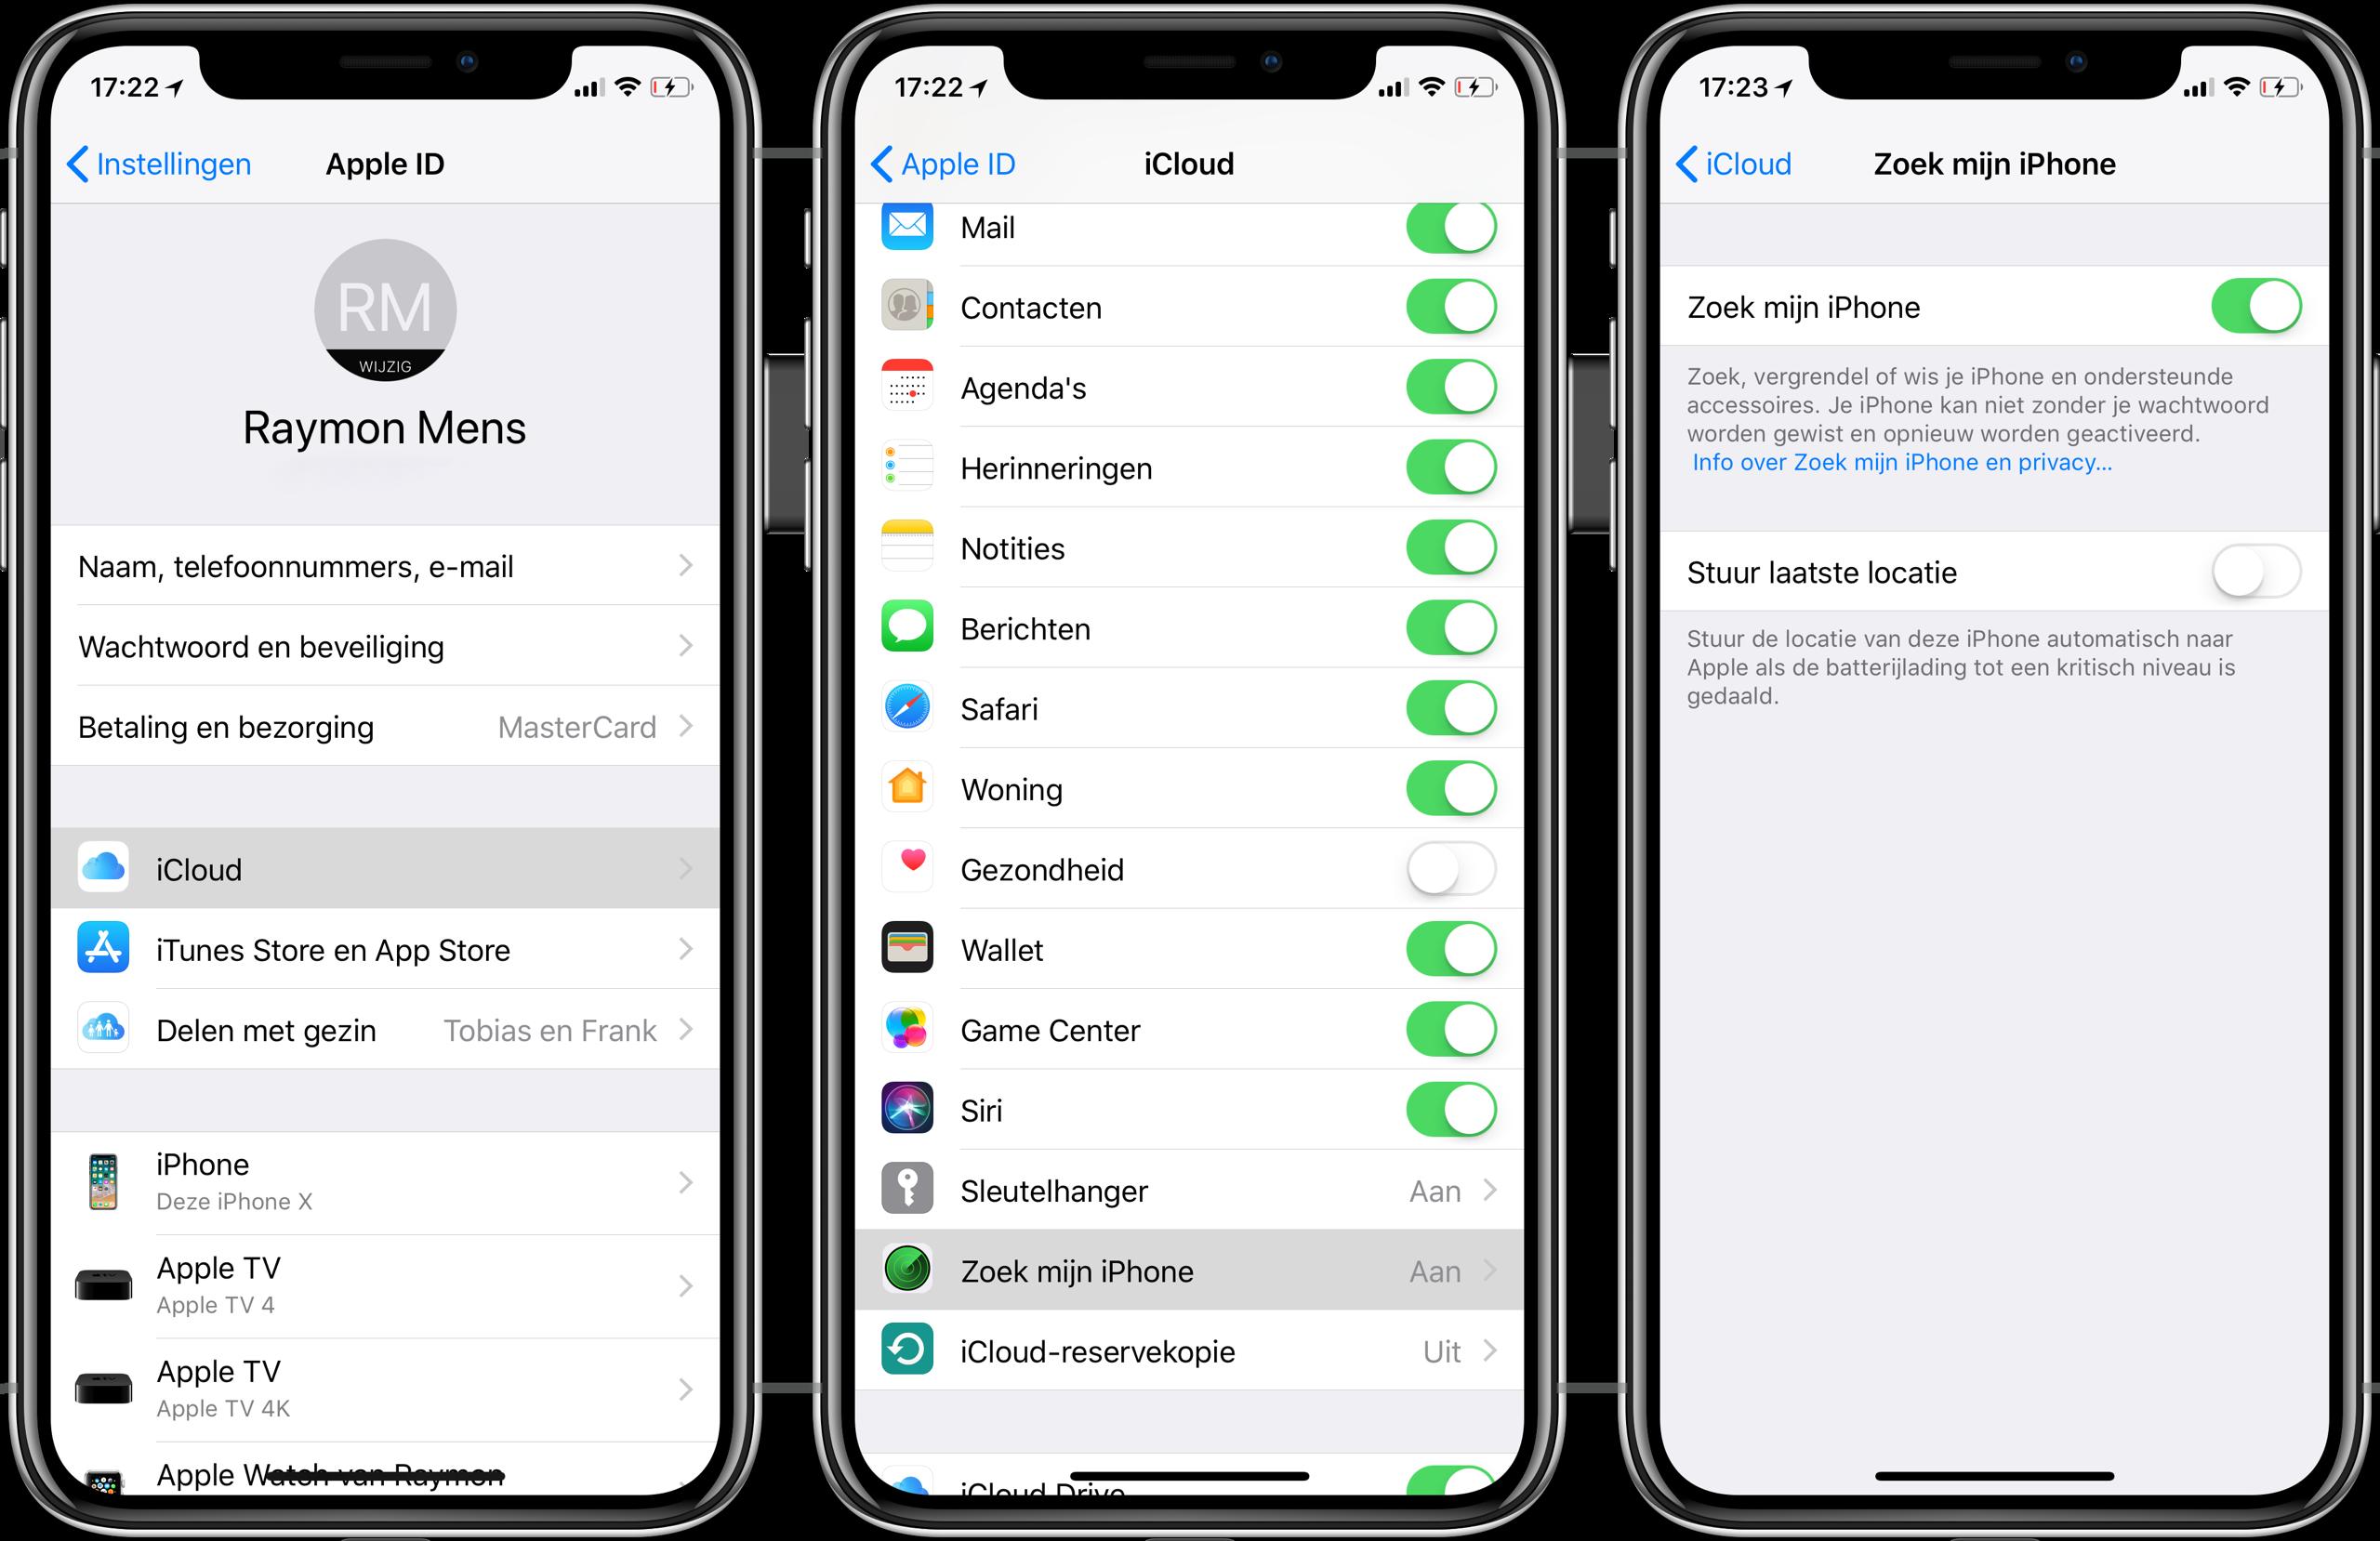 iPhone verkopen verkoopklaar maken stap 2